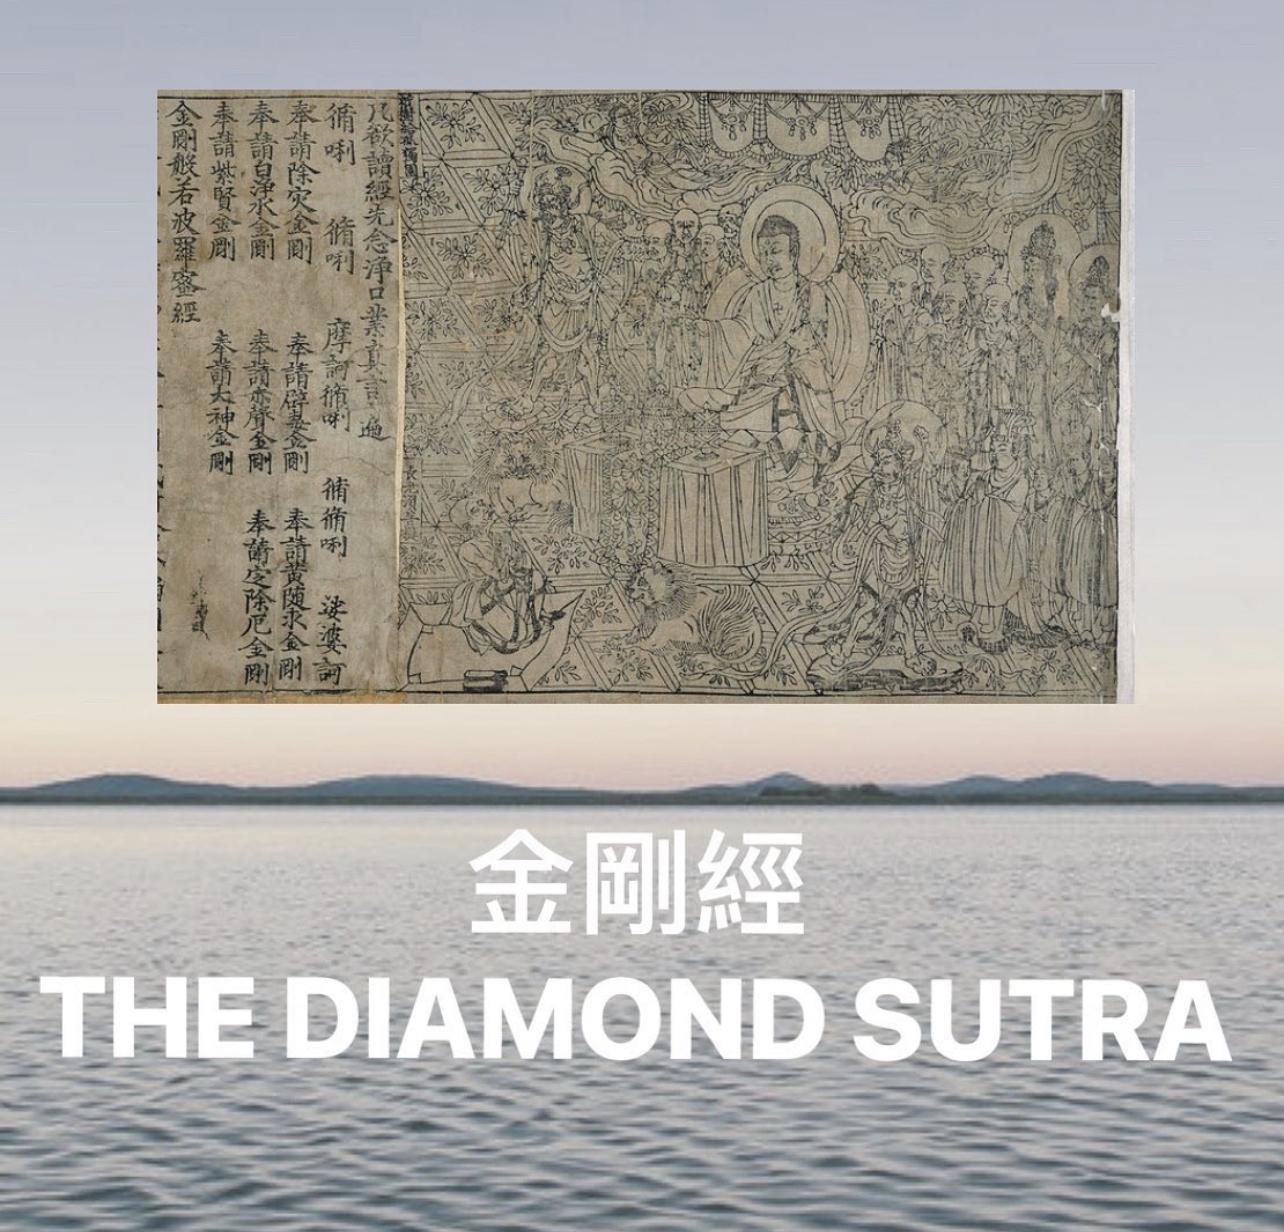 金剛經-The Diamond Sutra與十七分鐘Body Scan